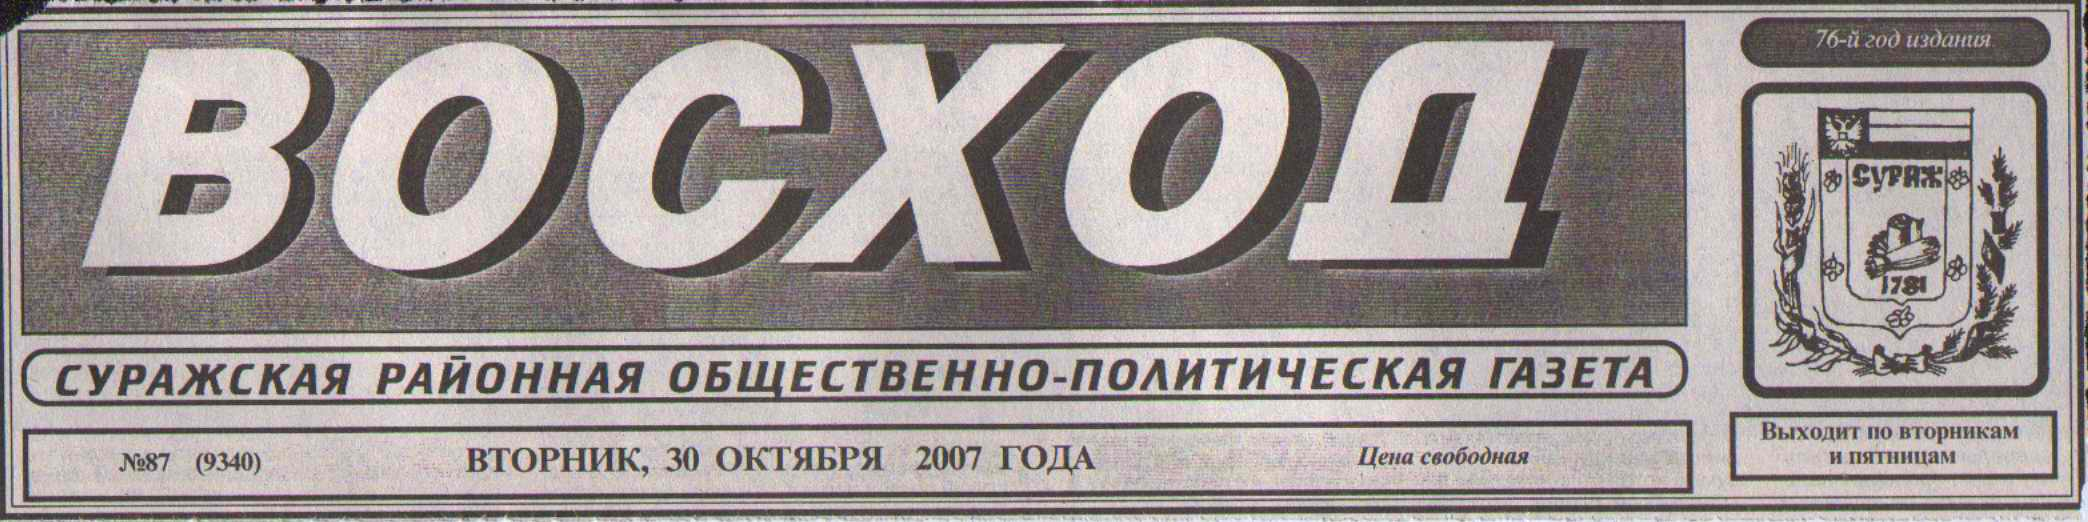 Восход газета сураж поздравления